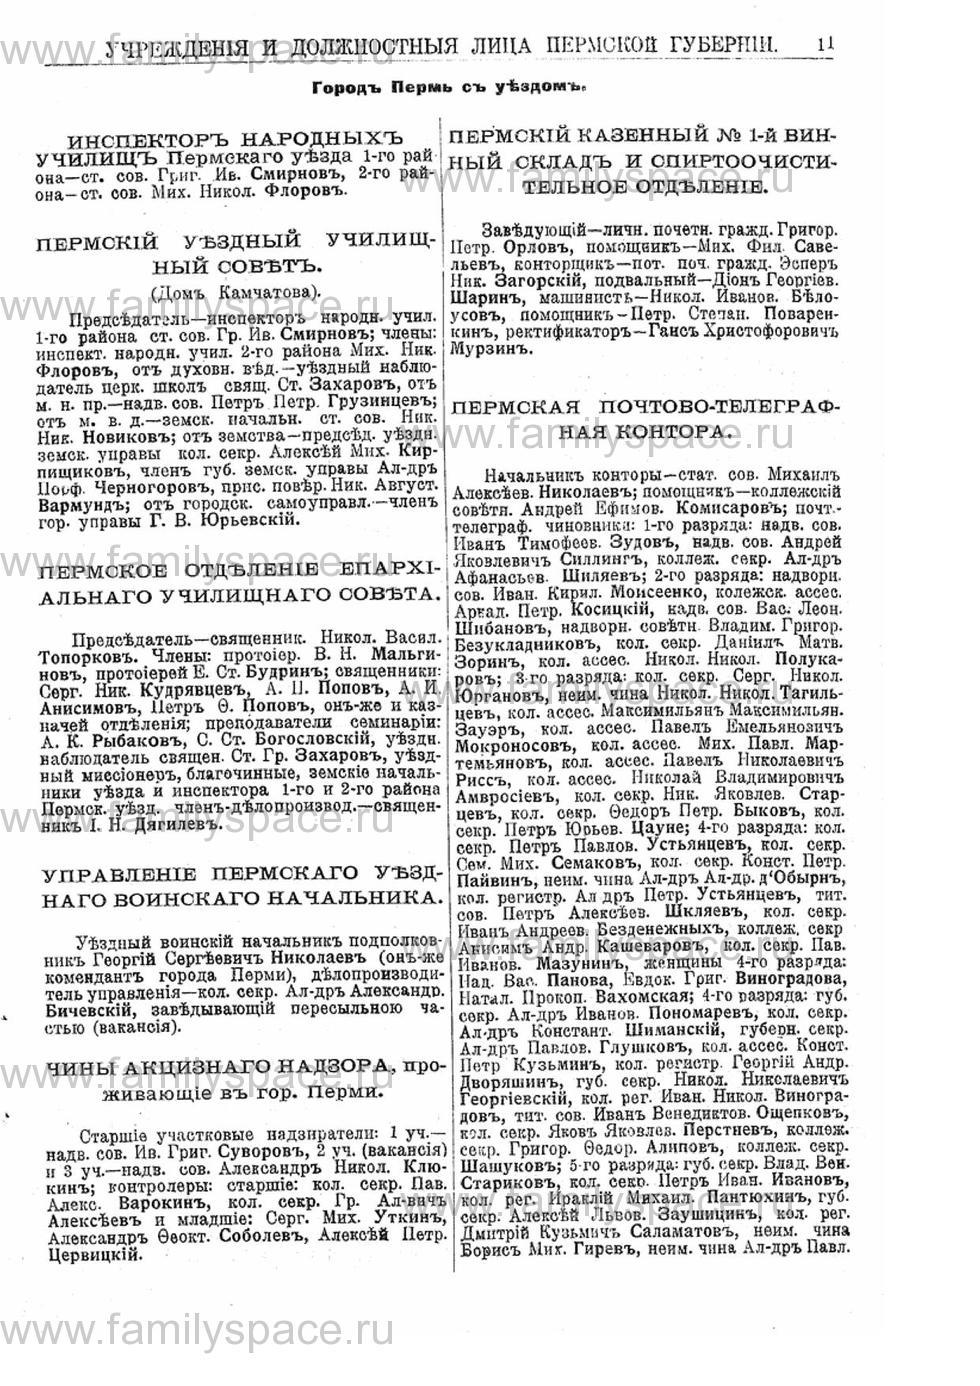 дворяне кашеваровы пермской оаласти Мужчина